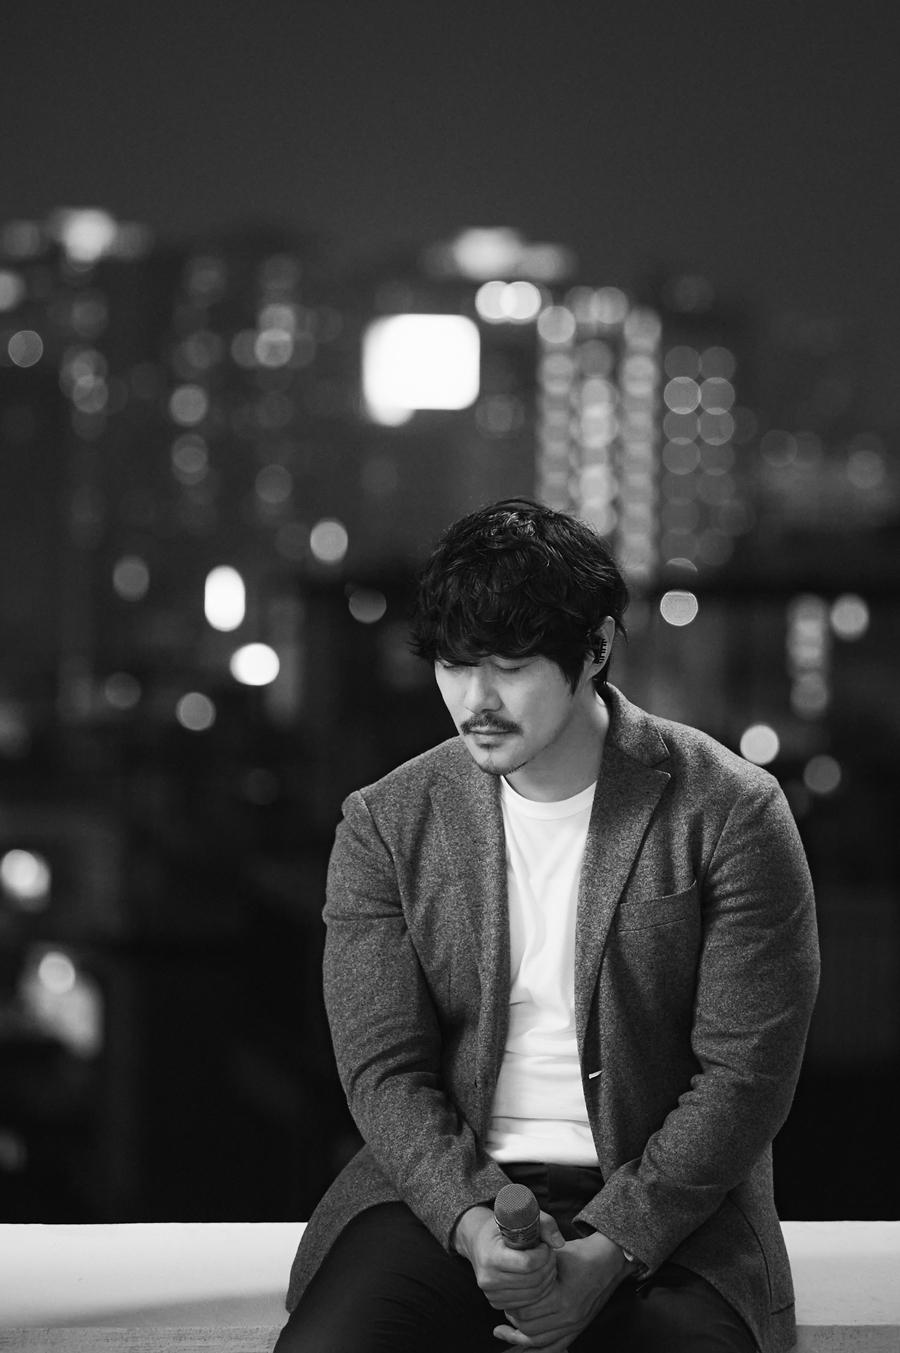 18일(금), KCM 새 앨범 '나만 아는 사랑이었어' 발매 | 인스티즈